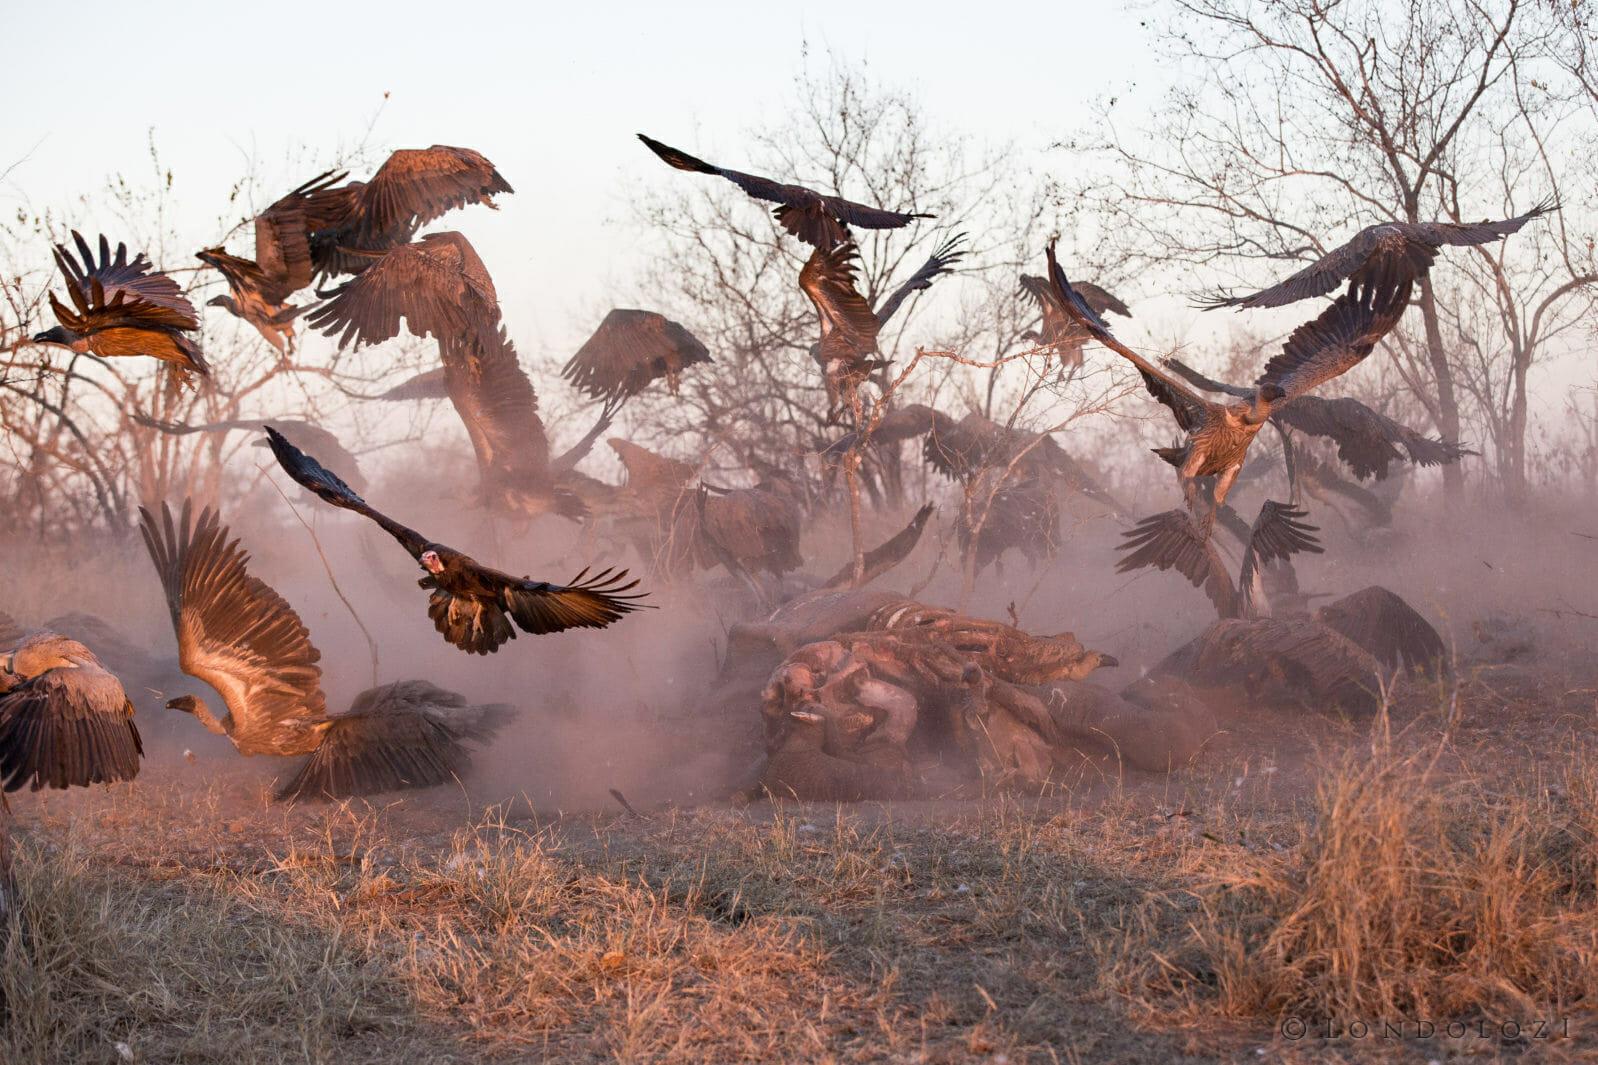 Vultures Scatter